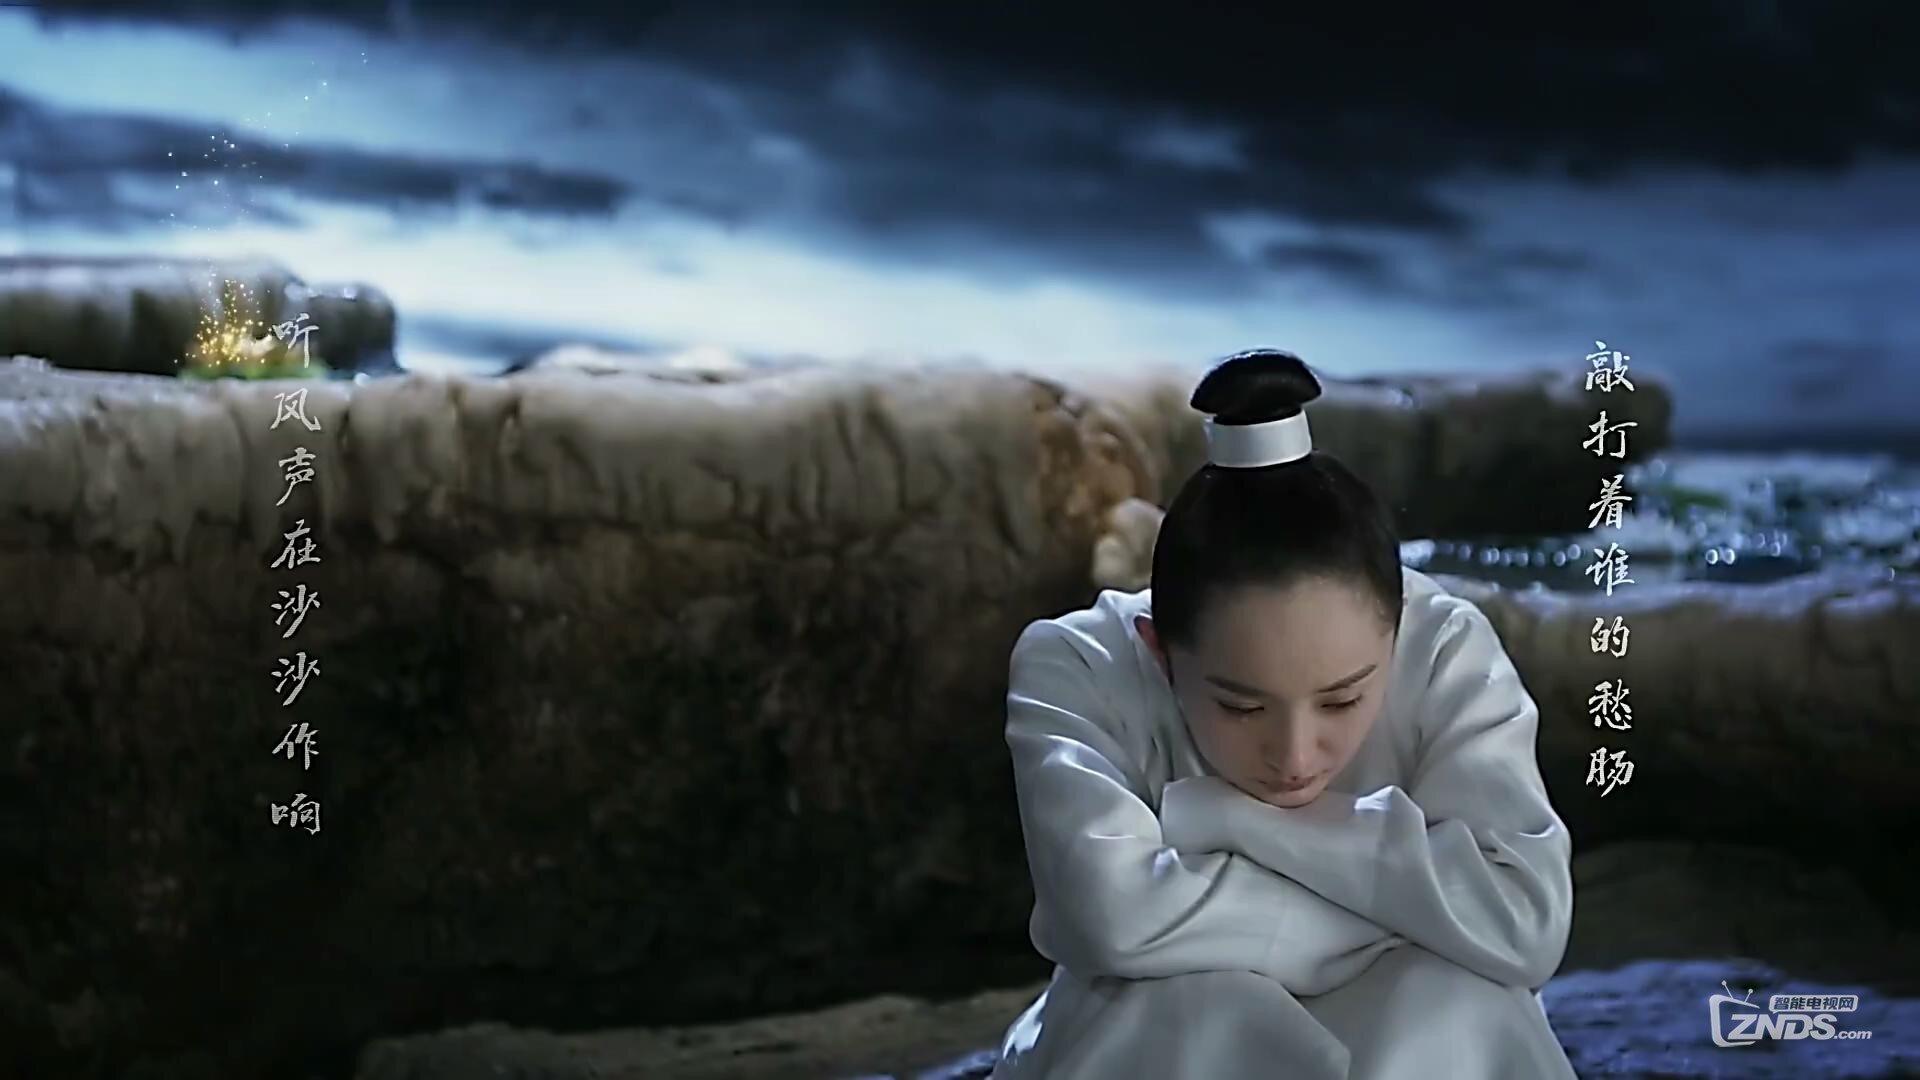 张杰 三生三世